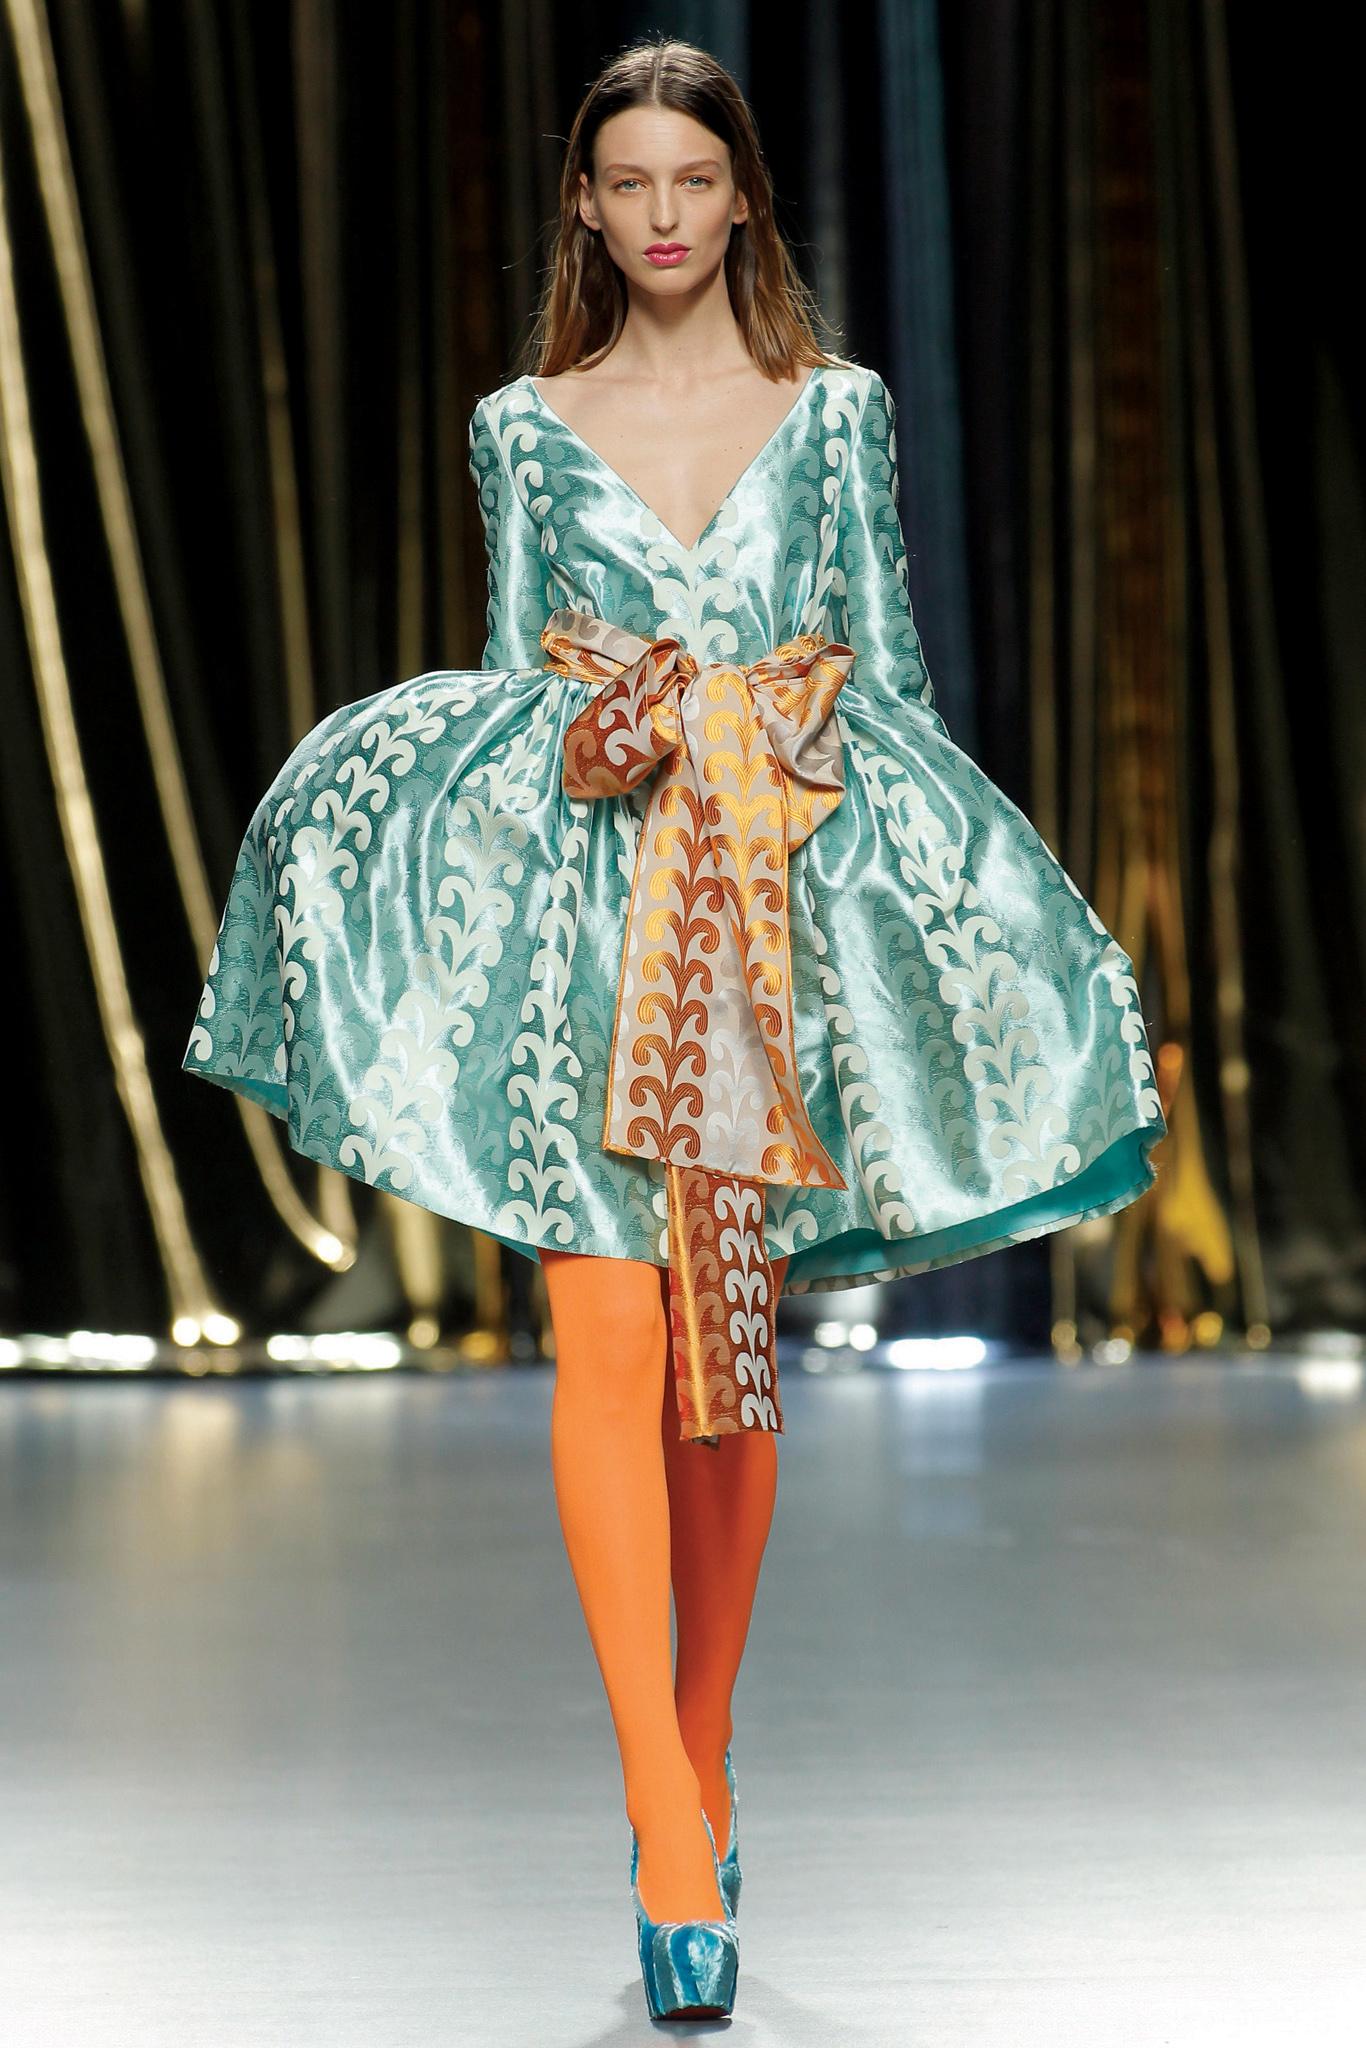 A look by Agatha Ruiz de la Prada.